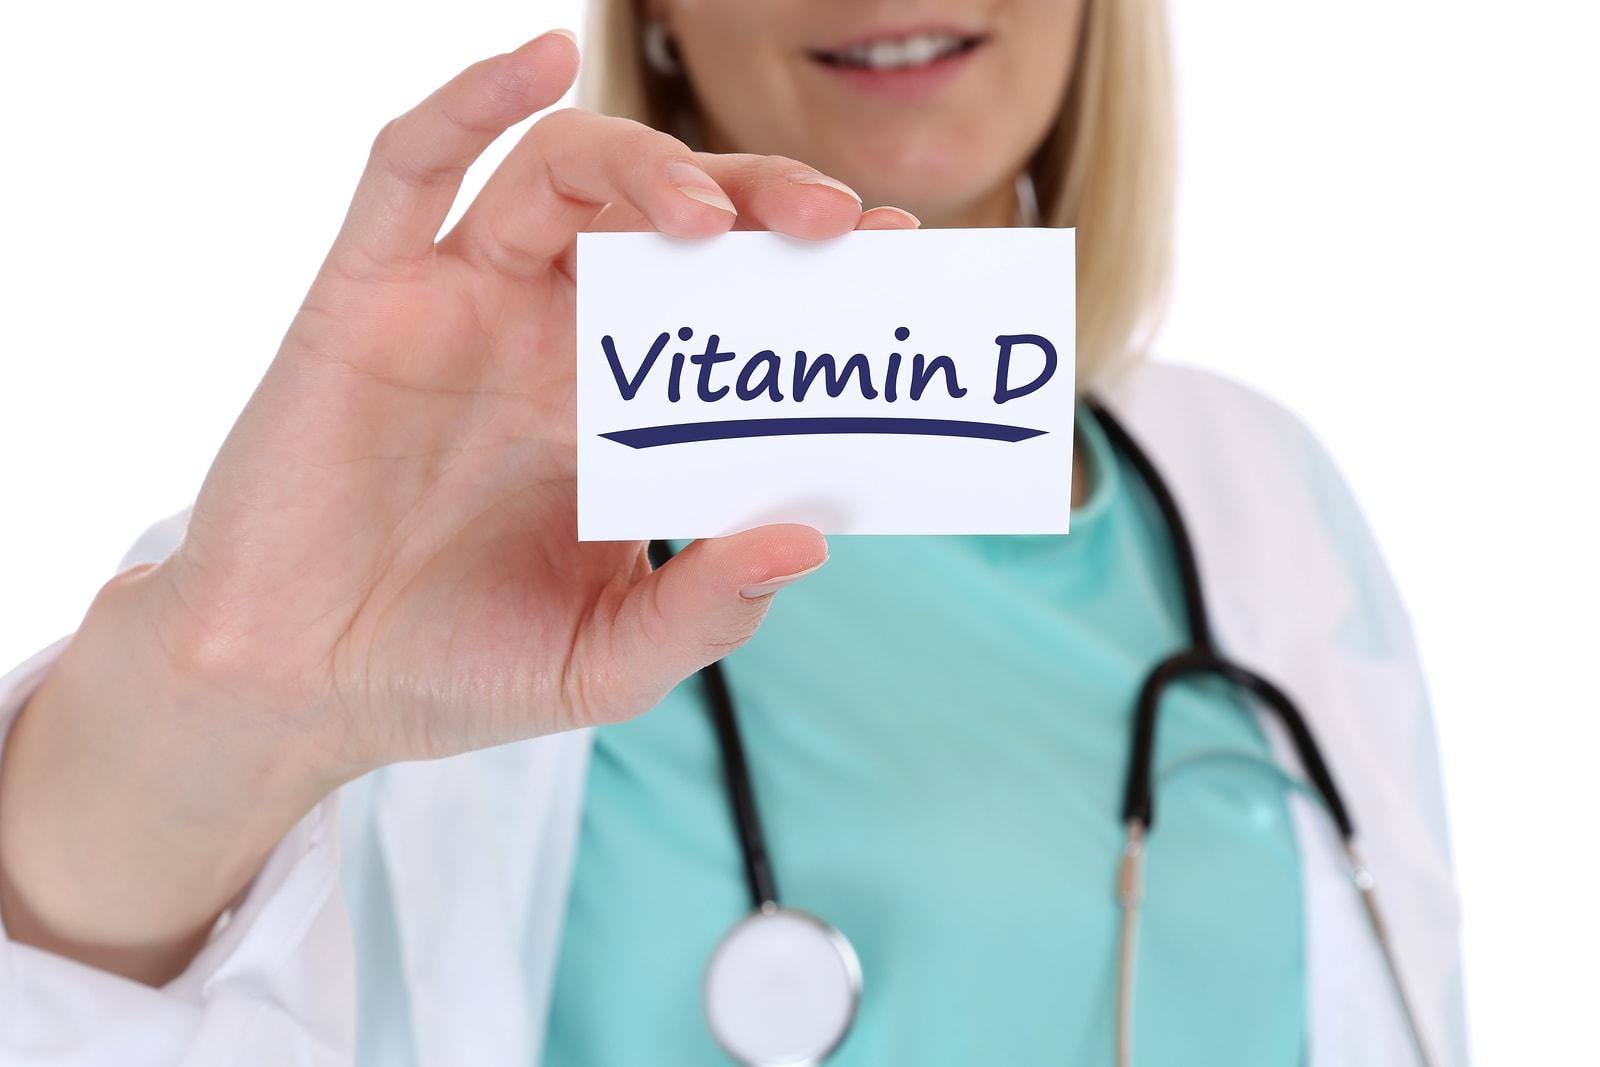 راه های تامین ویتامین D کدام است؟///صادقی